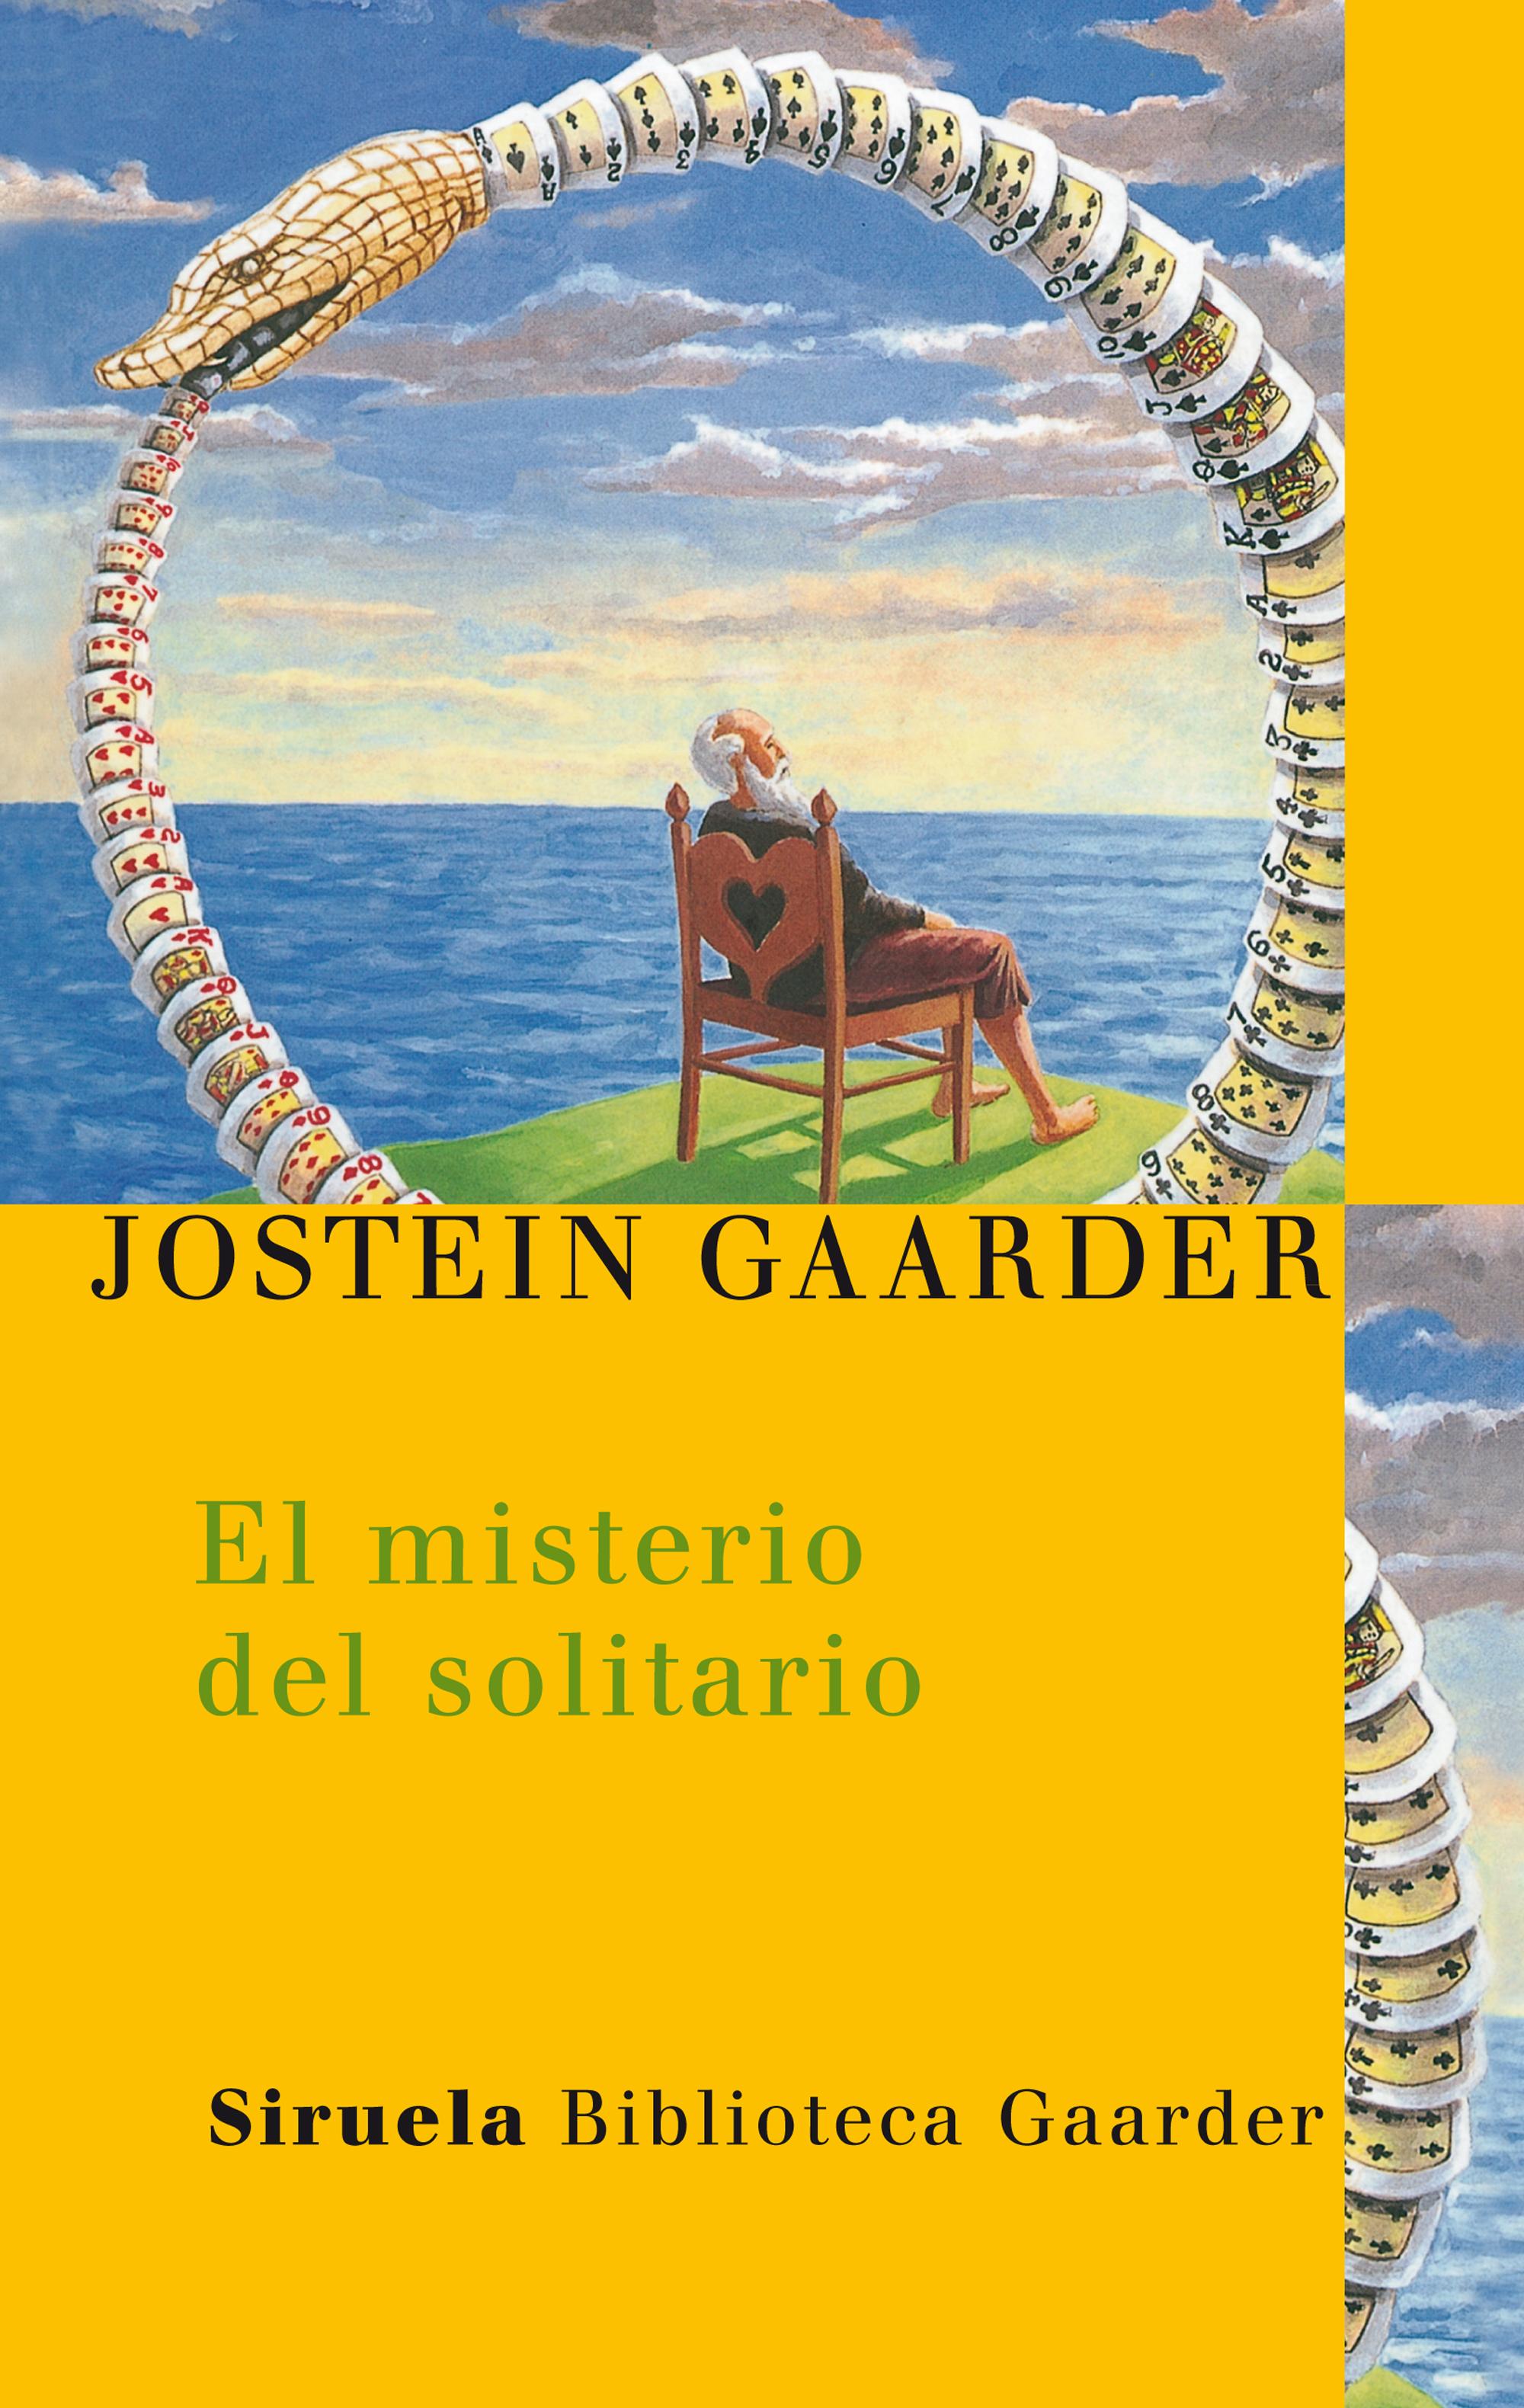 Resultado de imagen para caratula libro El misterio del solitario jostein gaarder